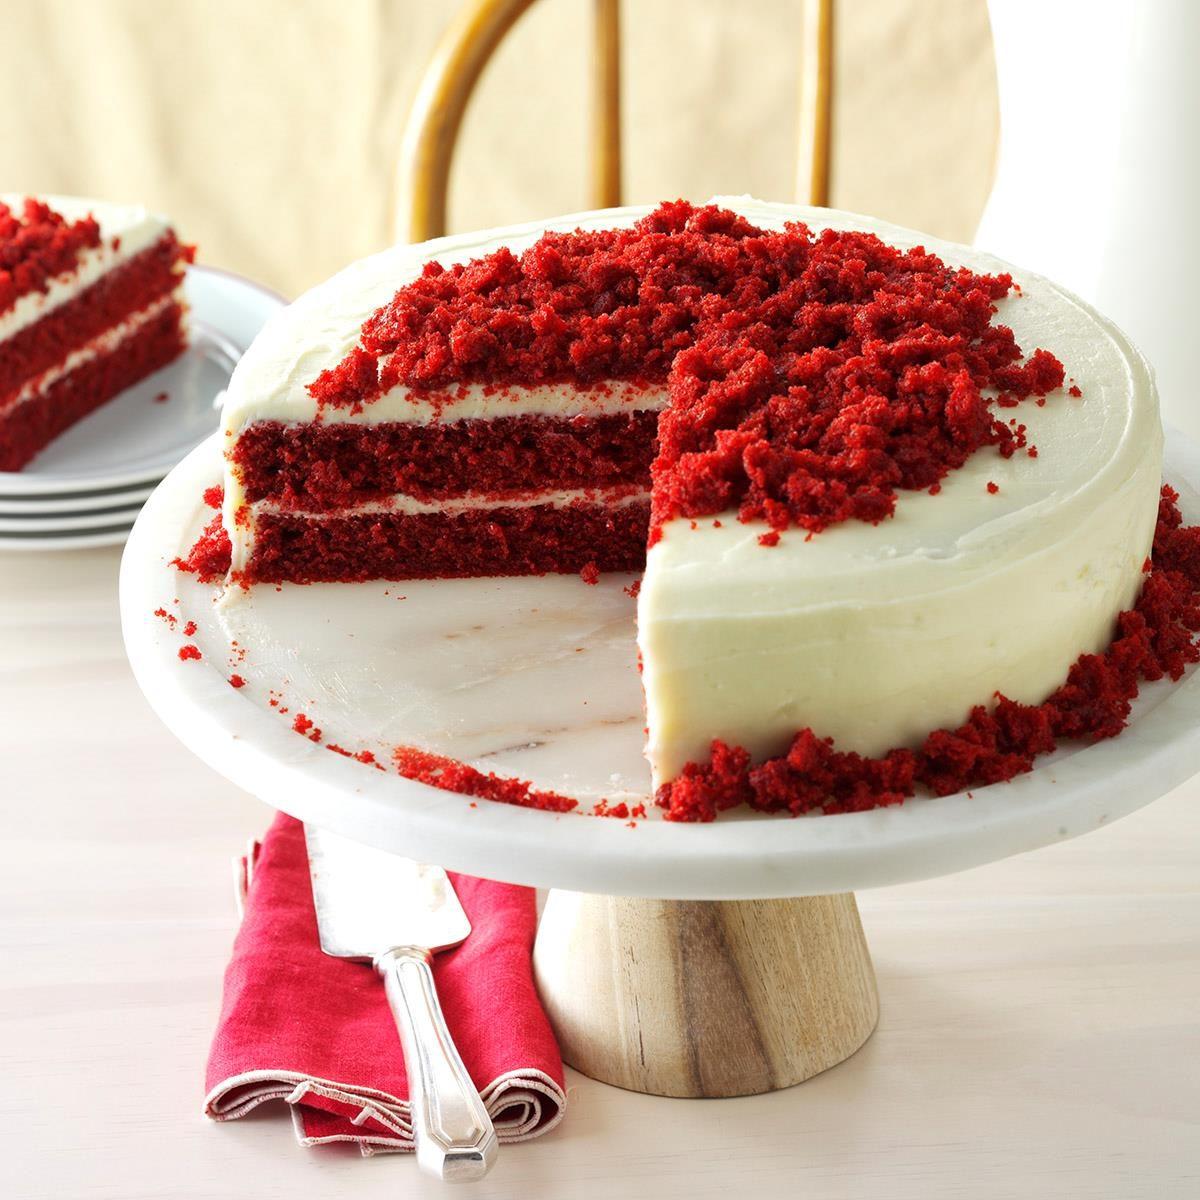 Blue Ribbon Red Velvet Cake